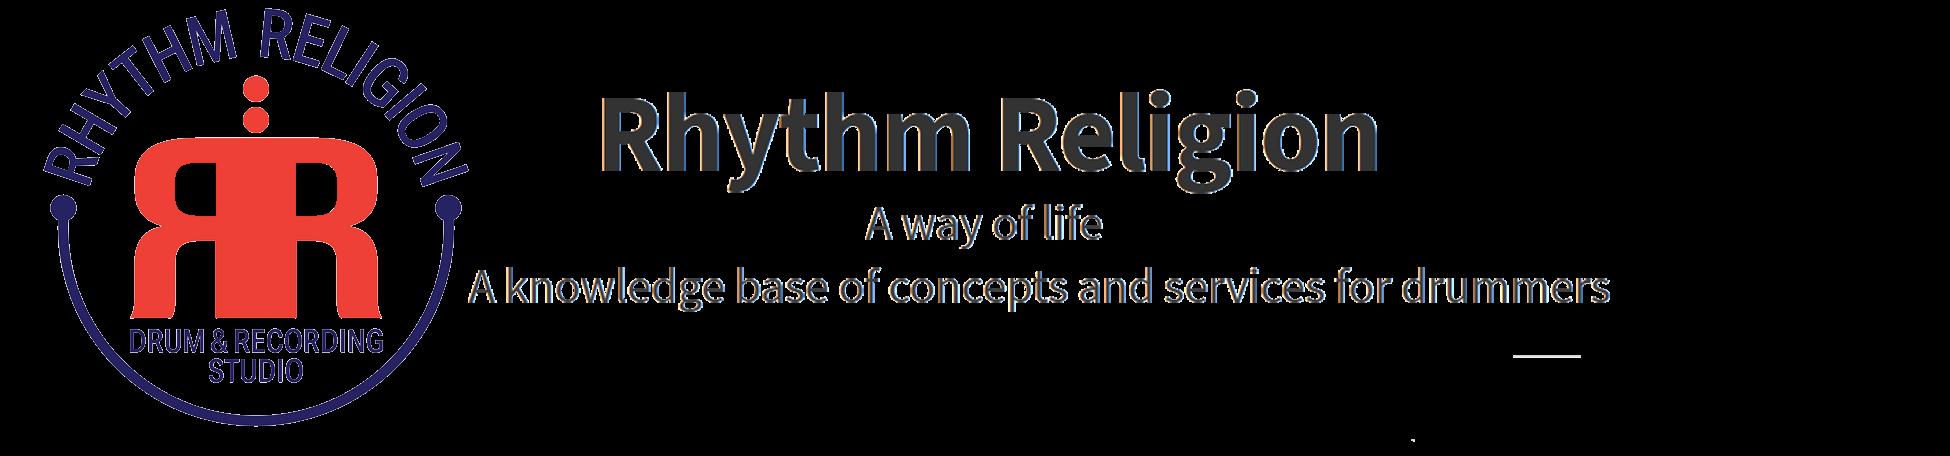 Rhythm Religion